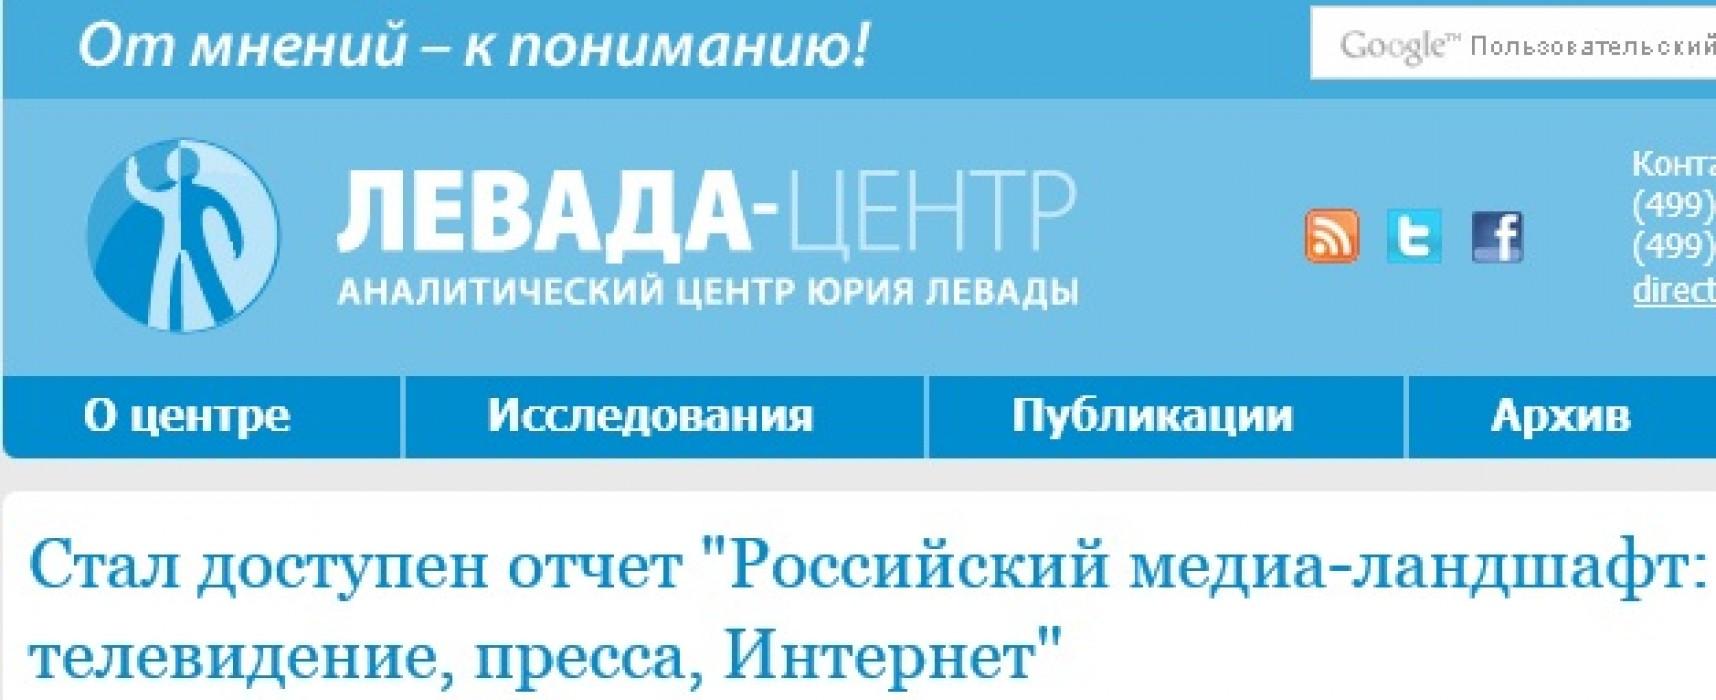 Источники получения информации об украинских событиях в России